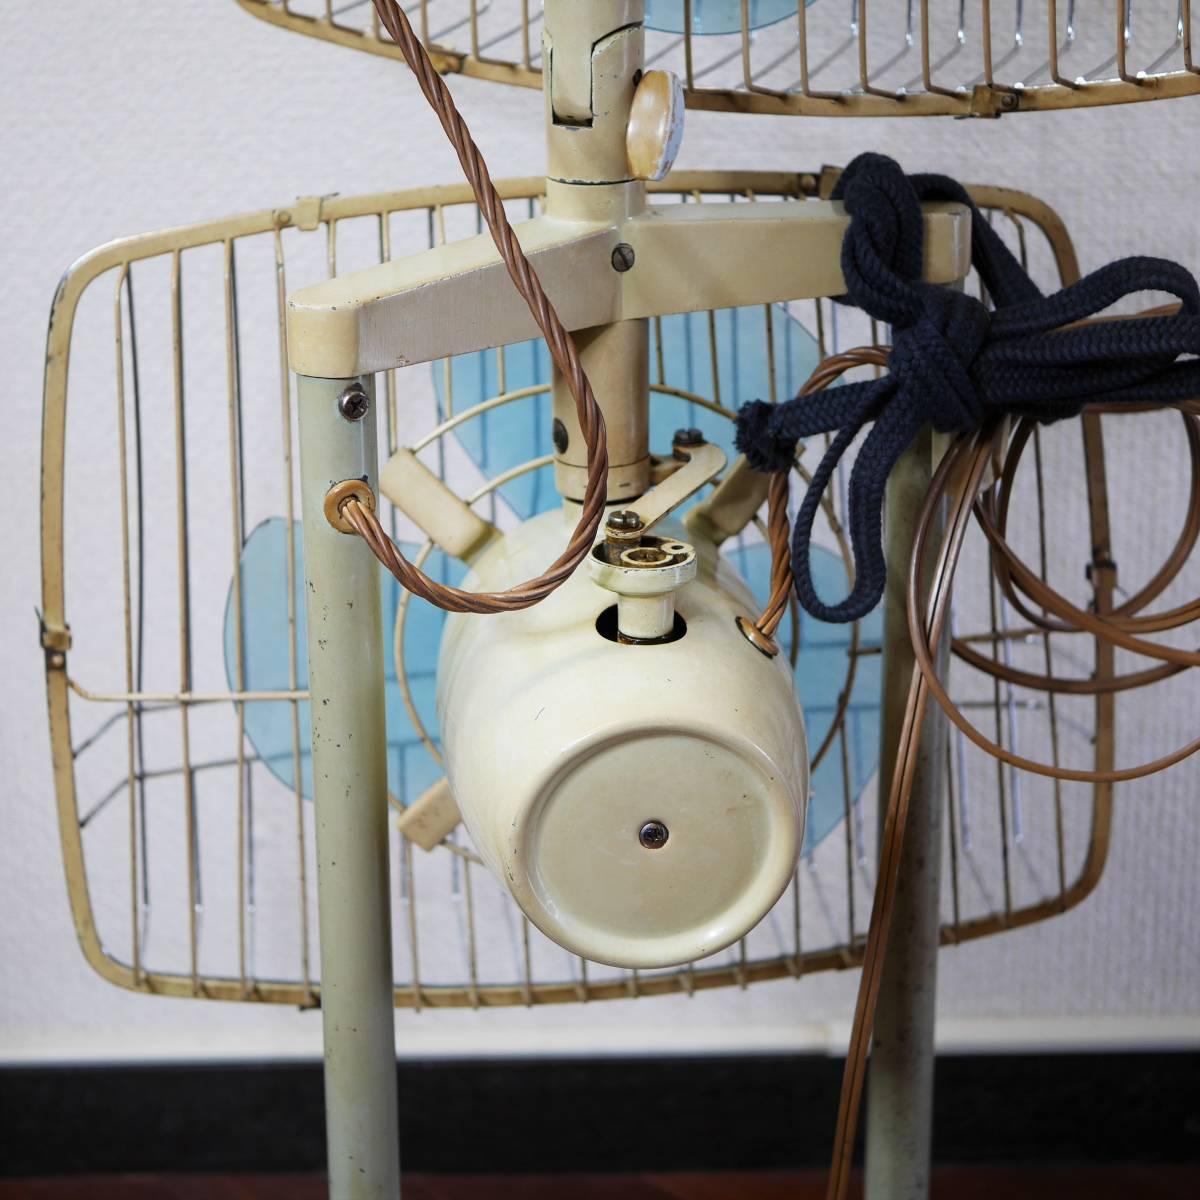 可動品!◆ FUJI 2連式 扇風機 希少 レトロ 当時物【Silent Pair】アンティーク_画像7